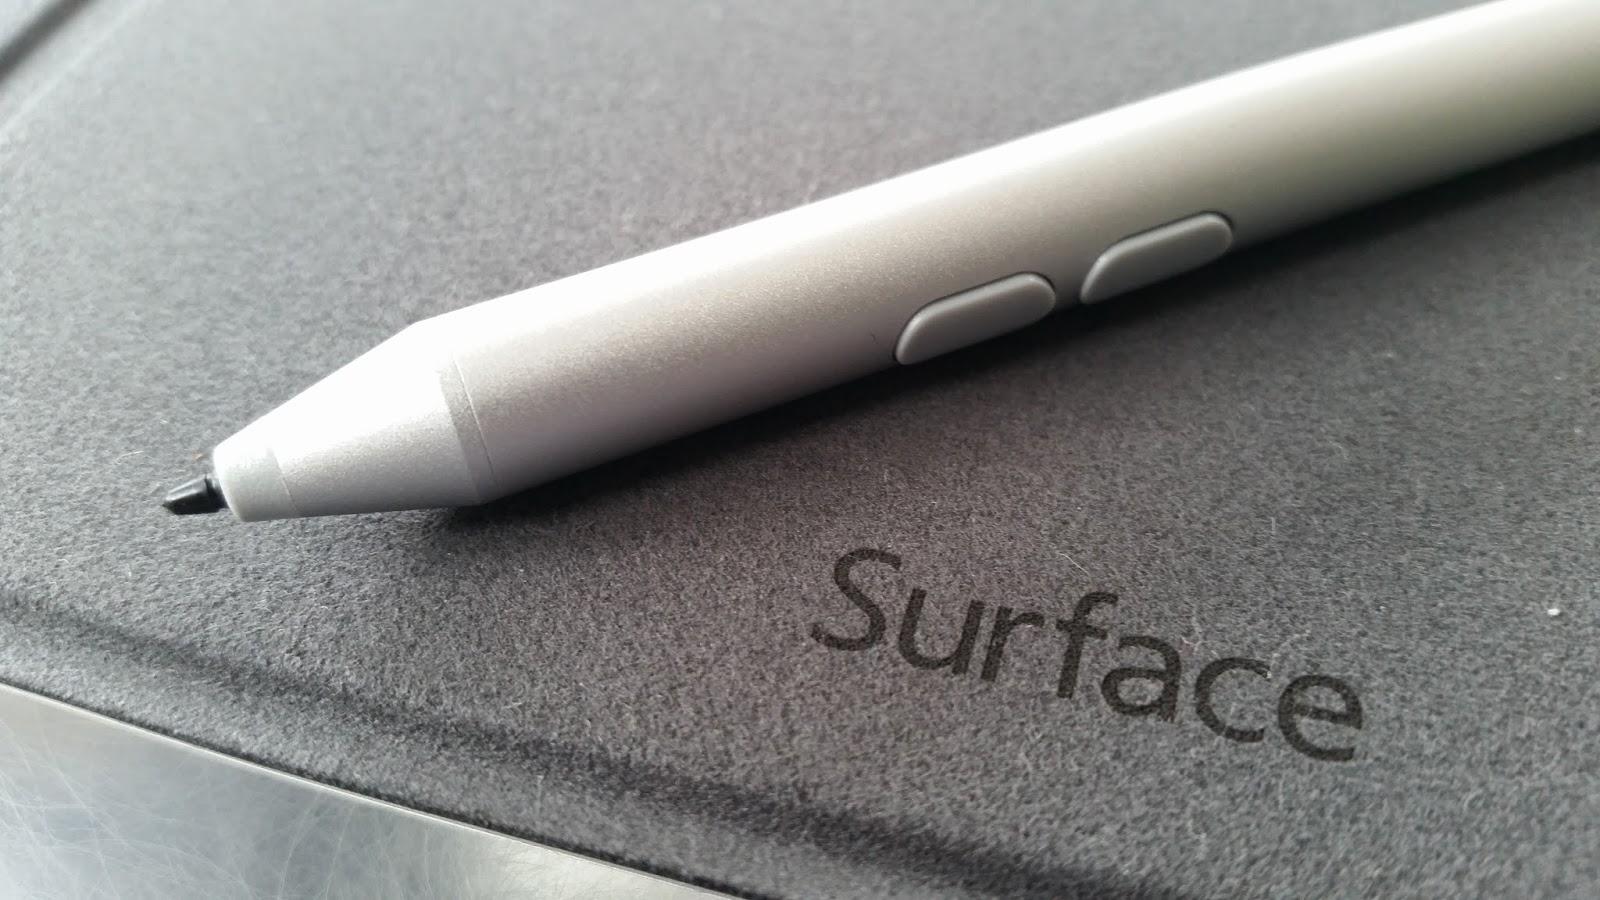 Surface Pro 3 Pen by soulofageek.com